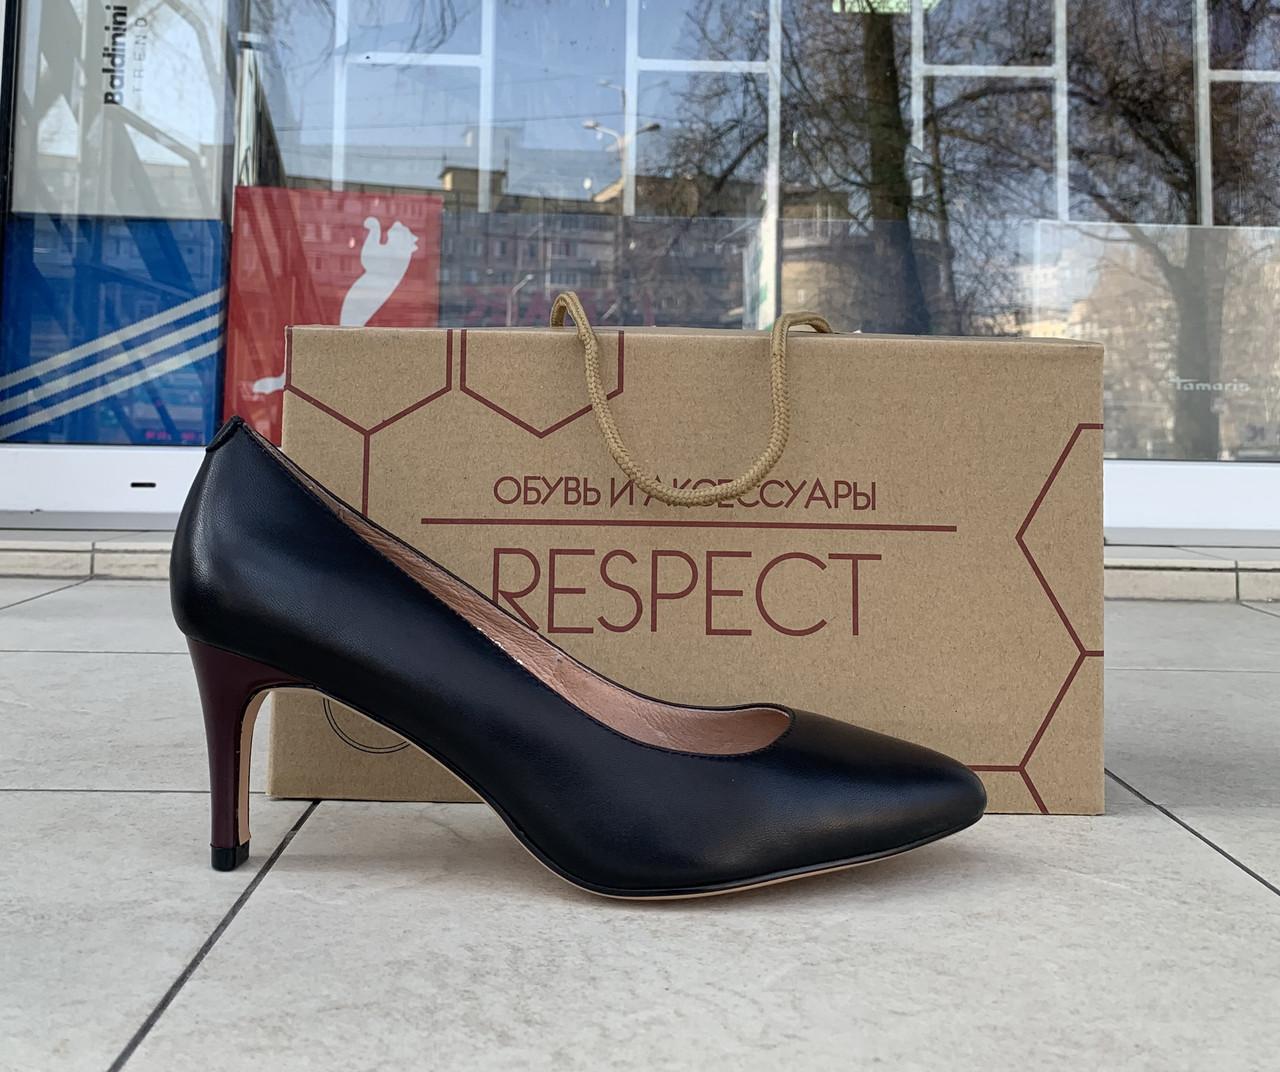 Женские туфли лодочки Respect натуральная кожа 36